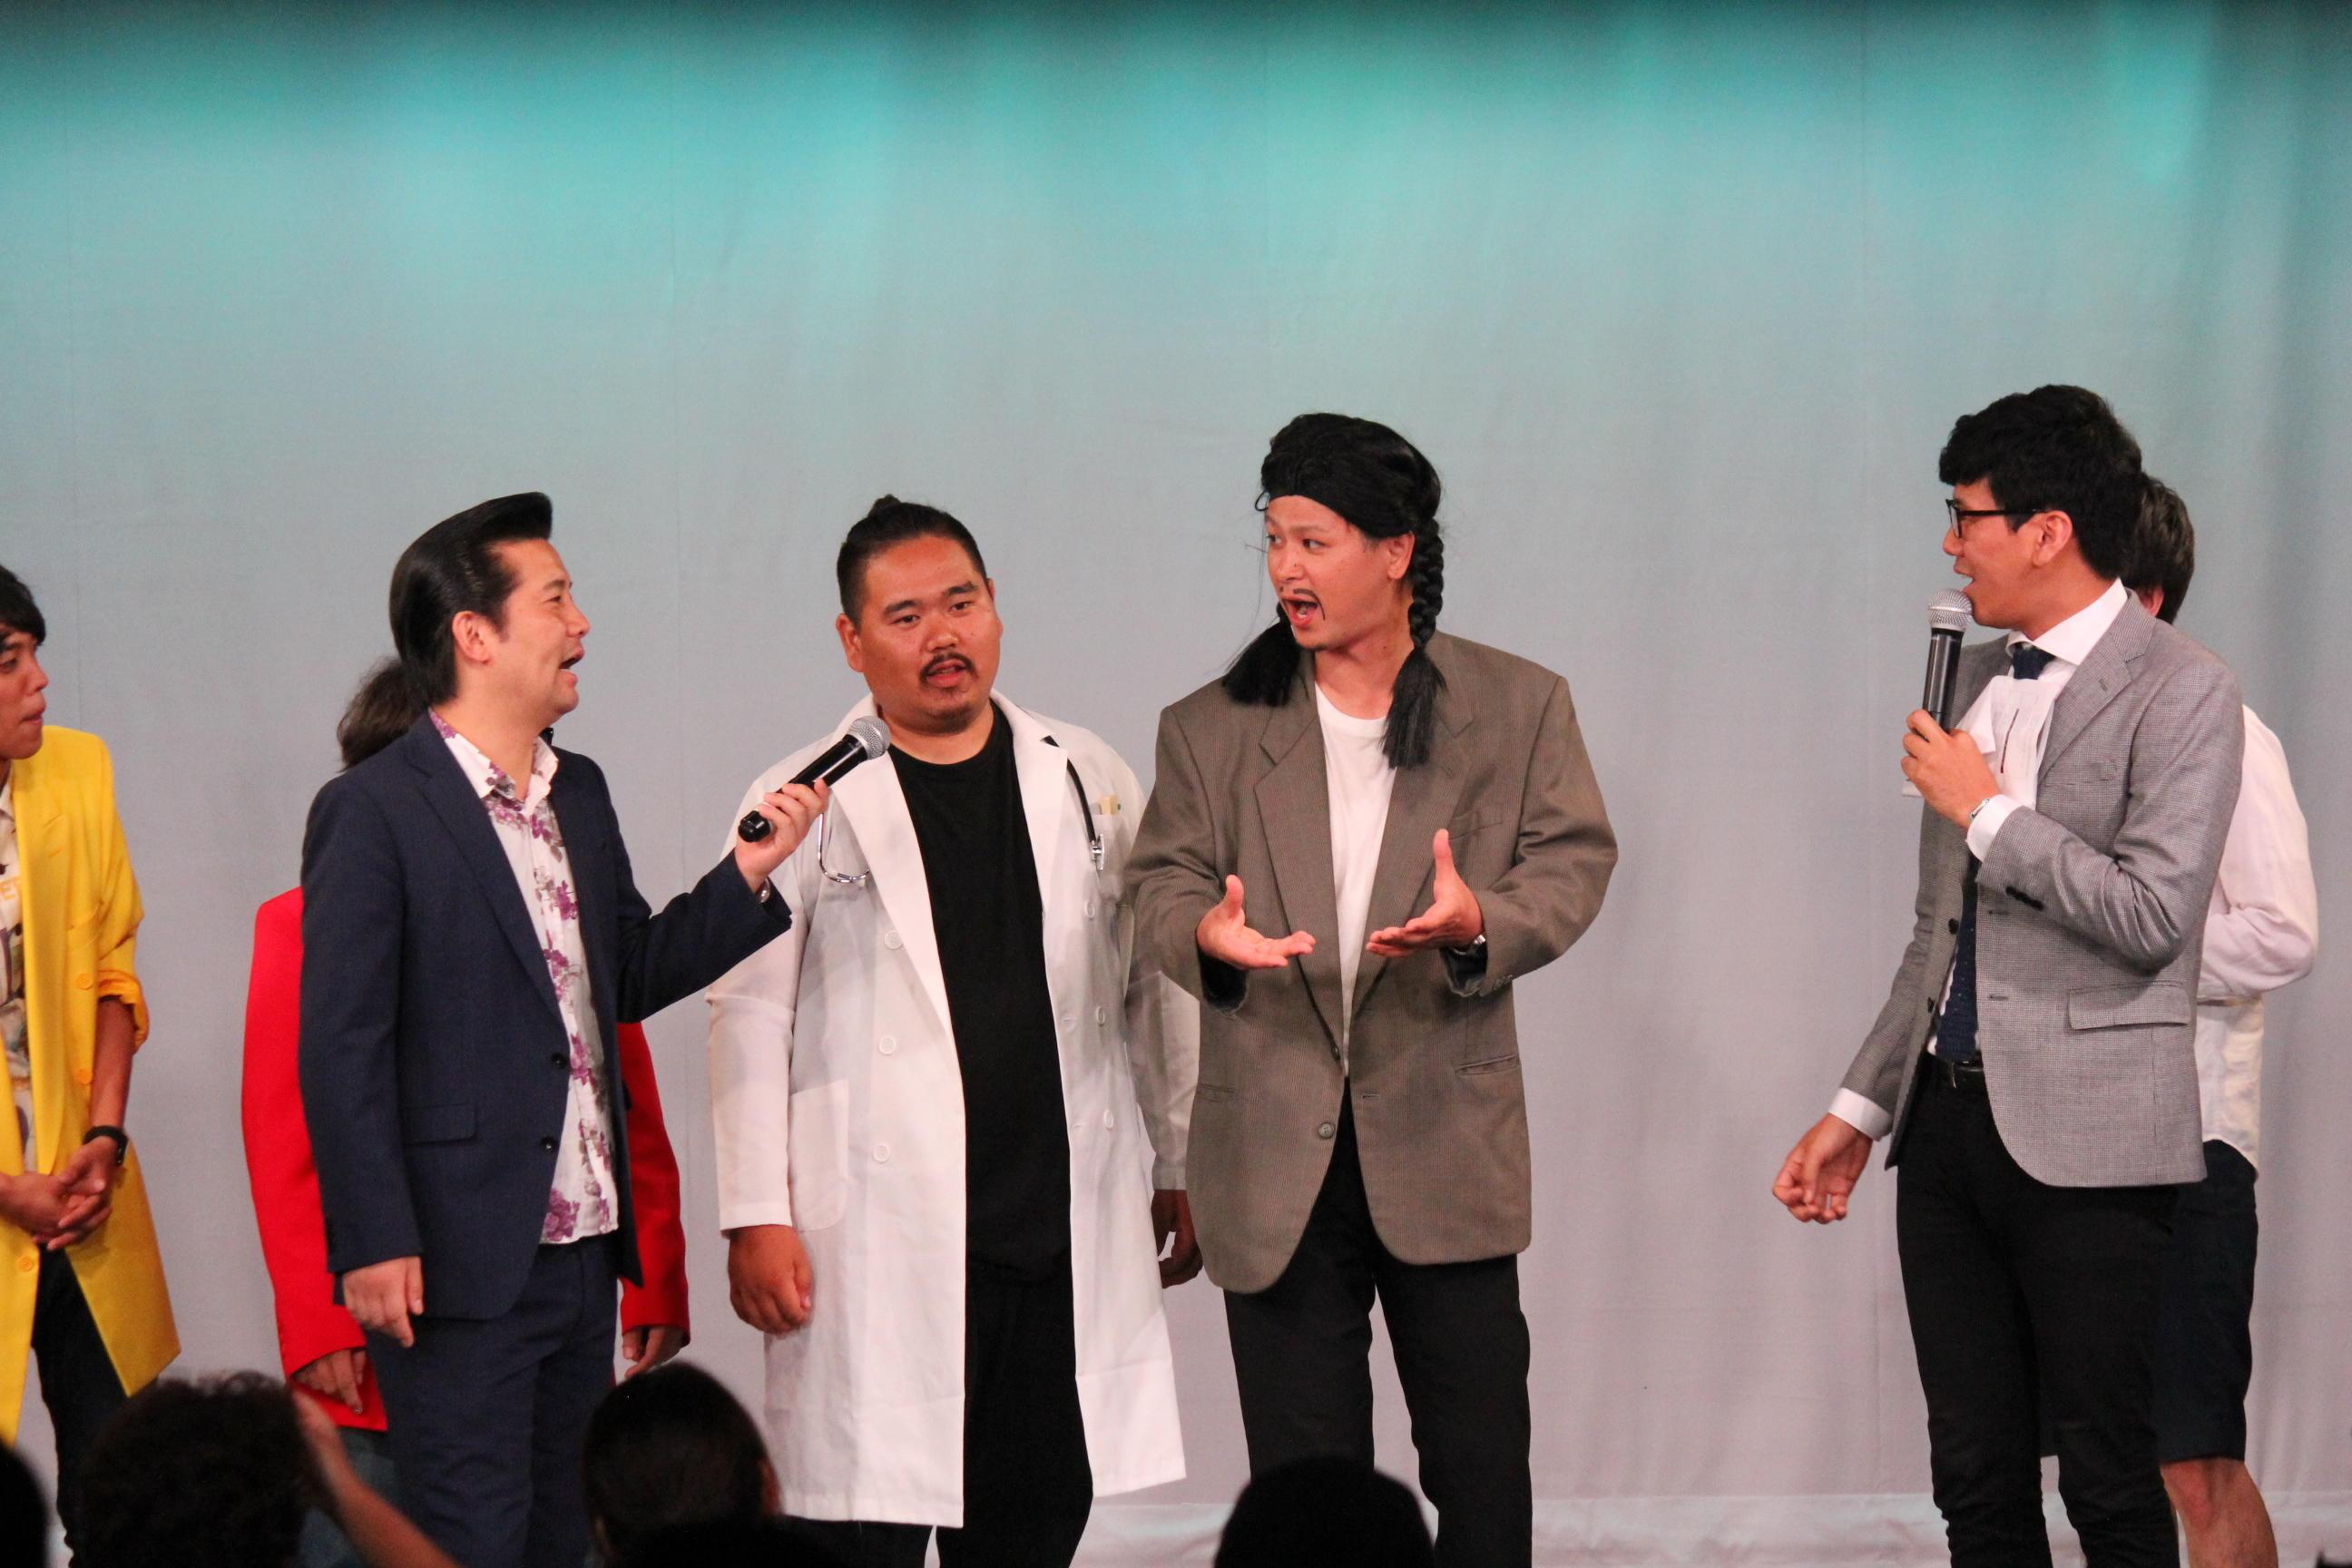 http://news.yoshimoto.co.jp/20160627172229-6bdff1ffb315f922cb8b39c0ccb5ad305cfc8f37.jpg